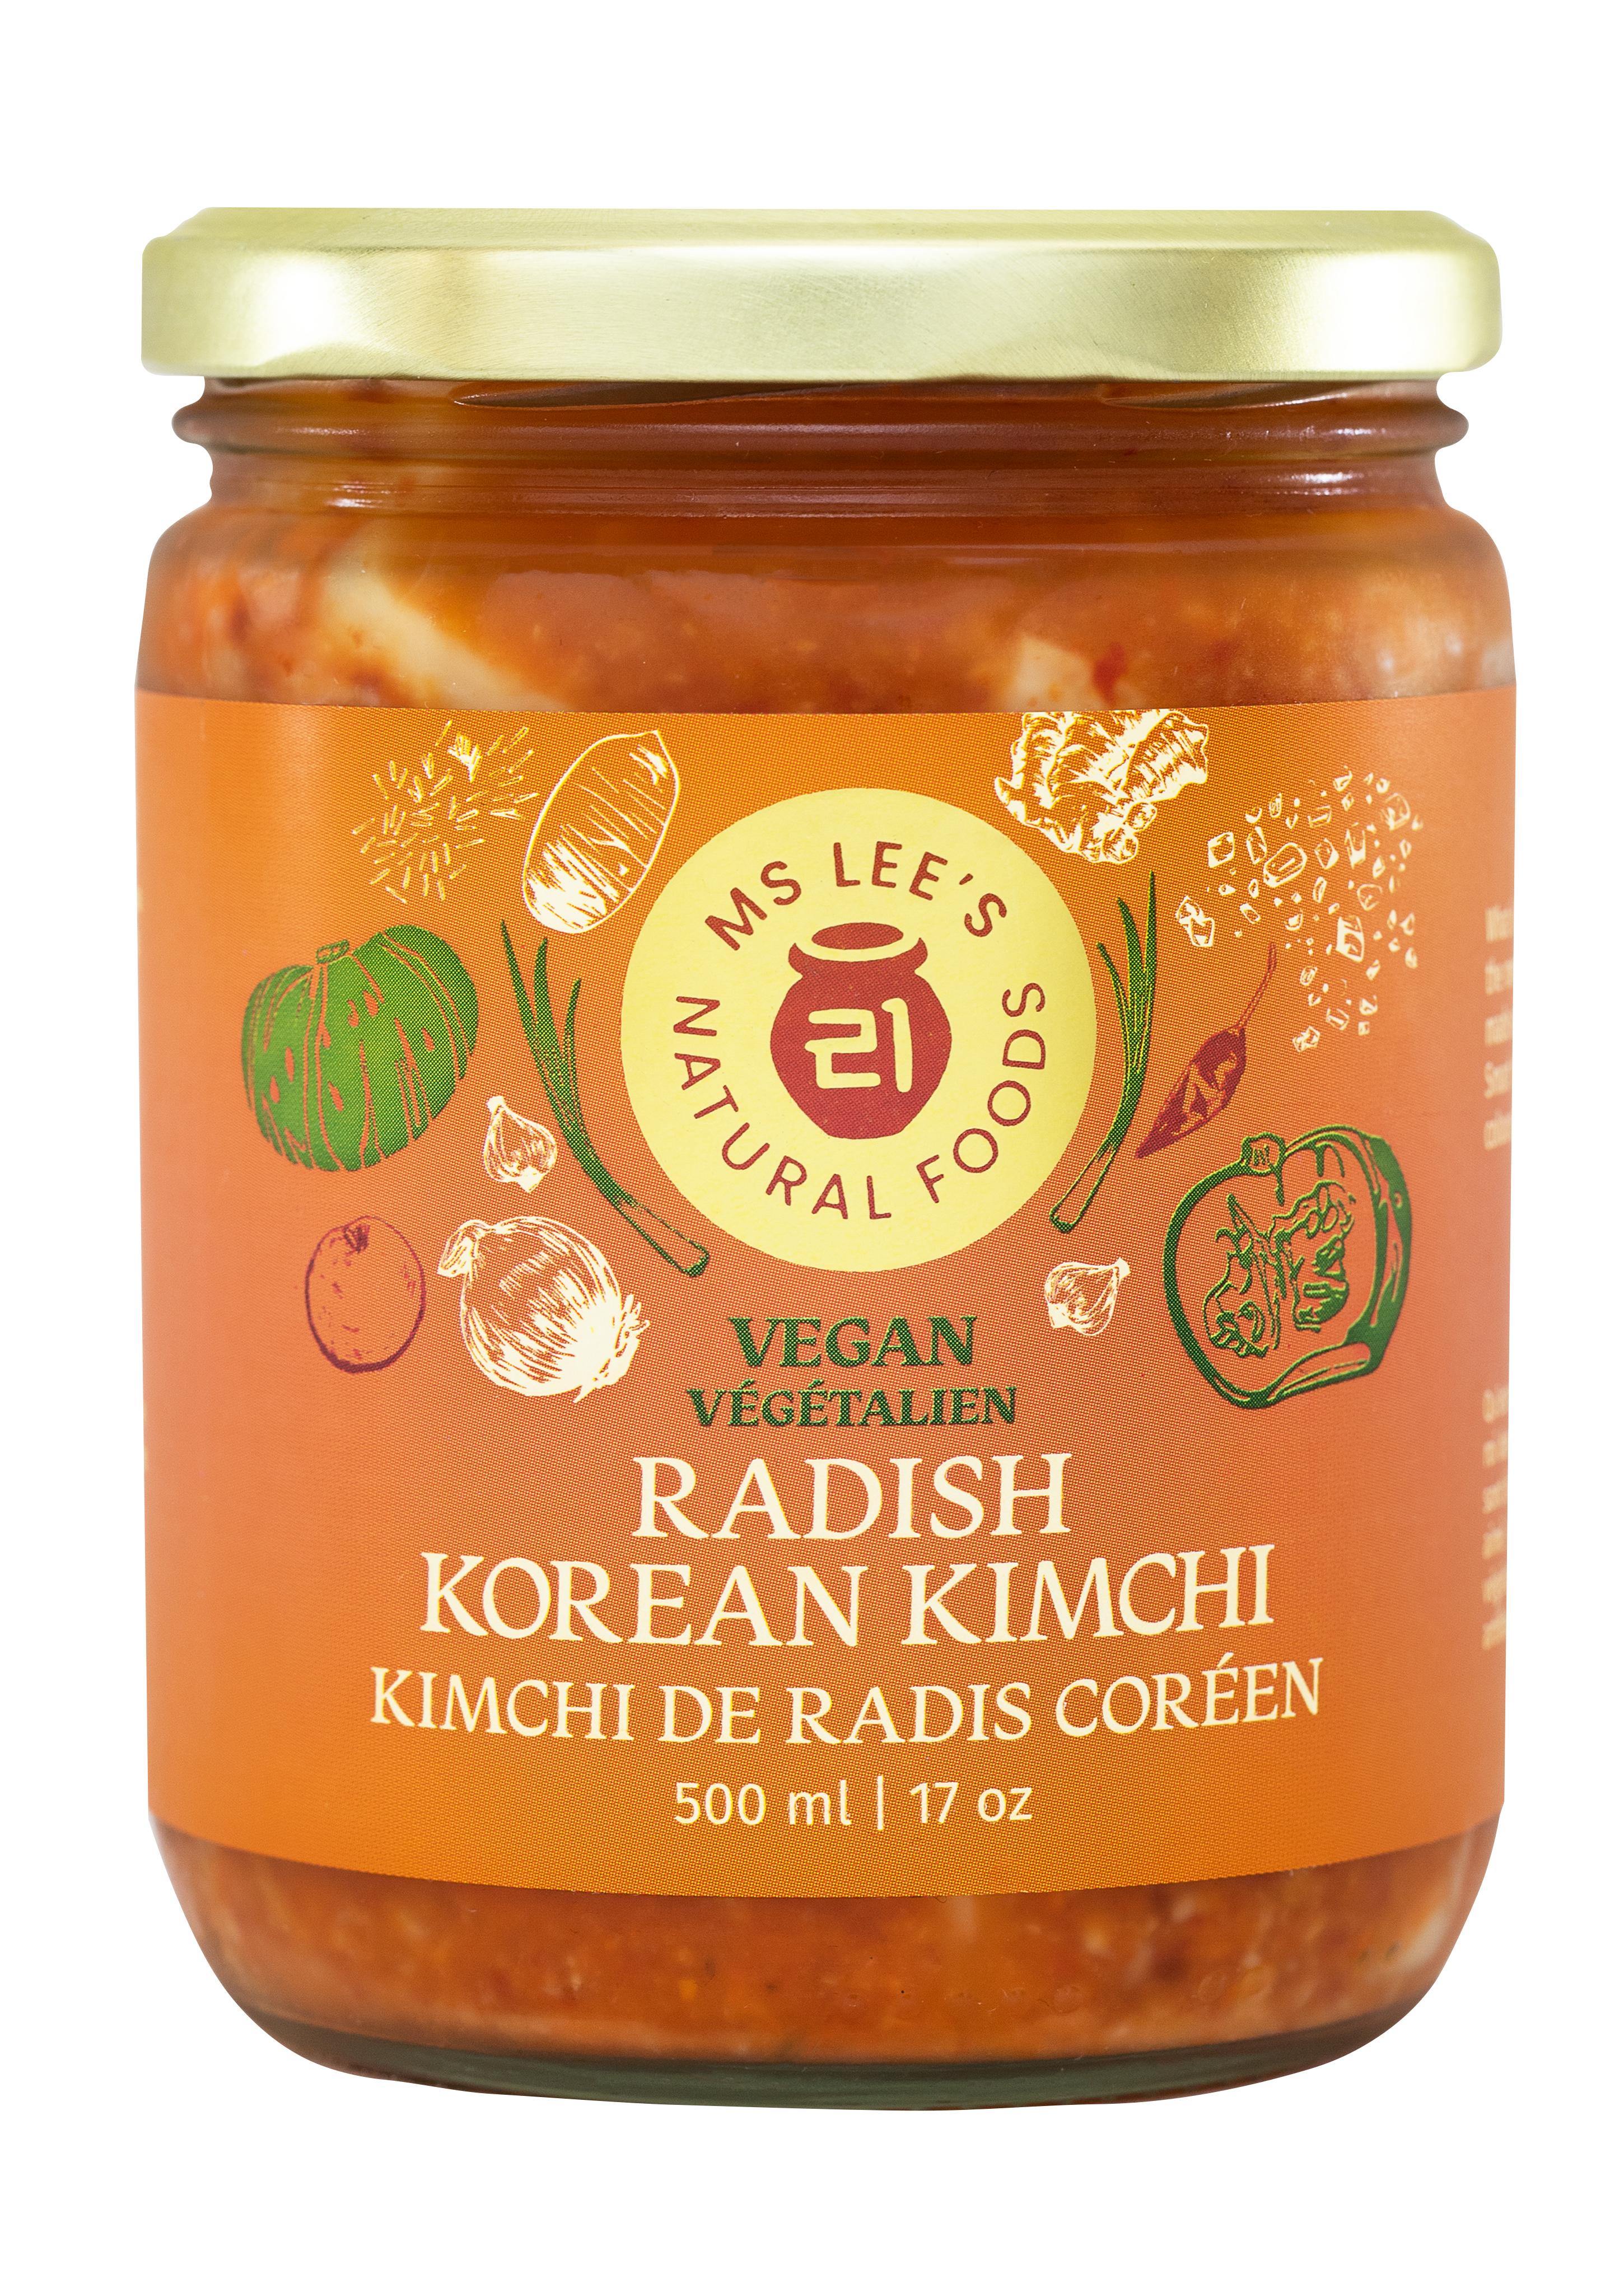 Radish Korean Kimchi Vegan